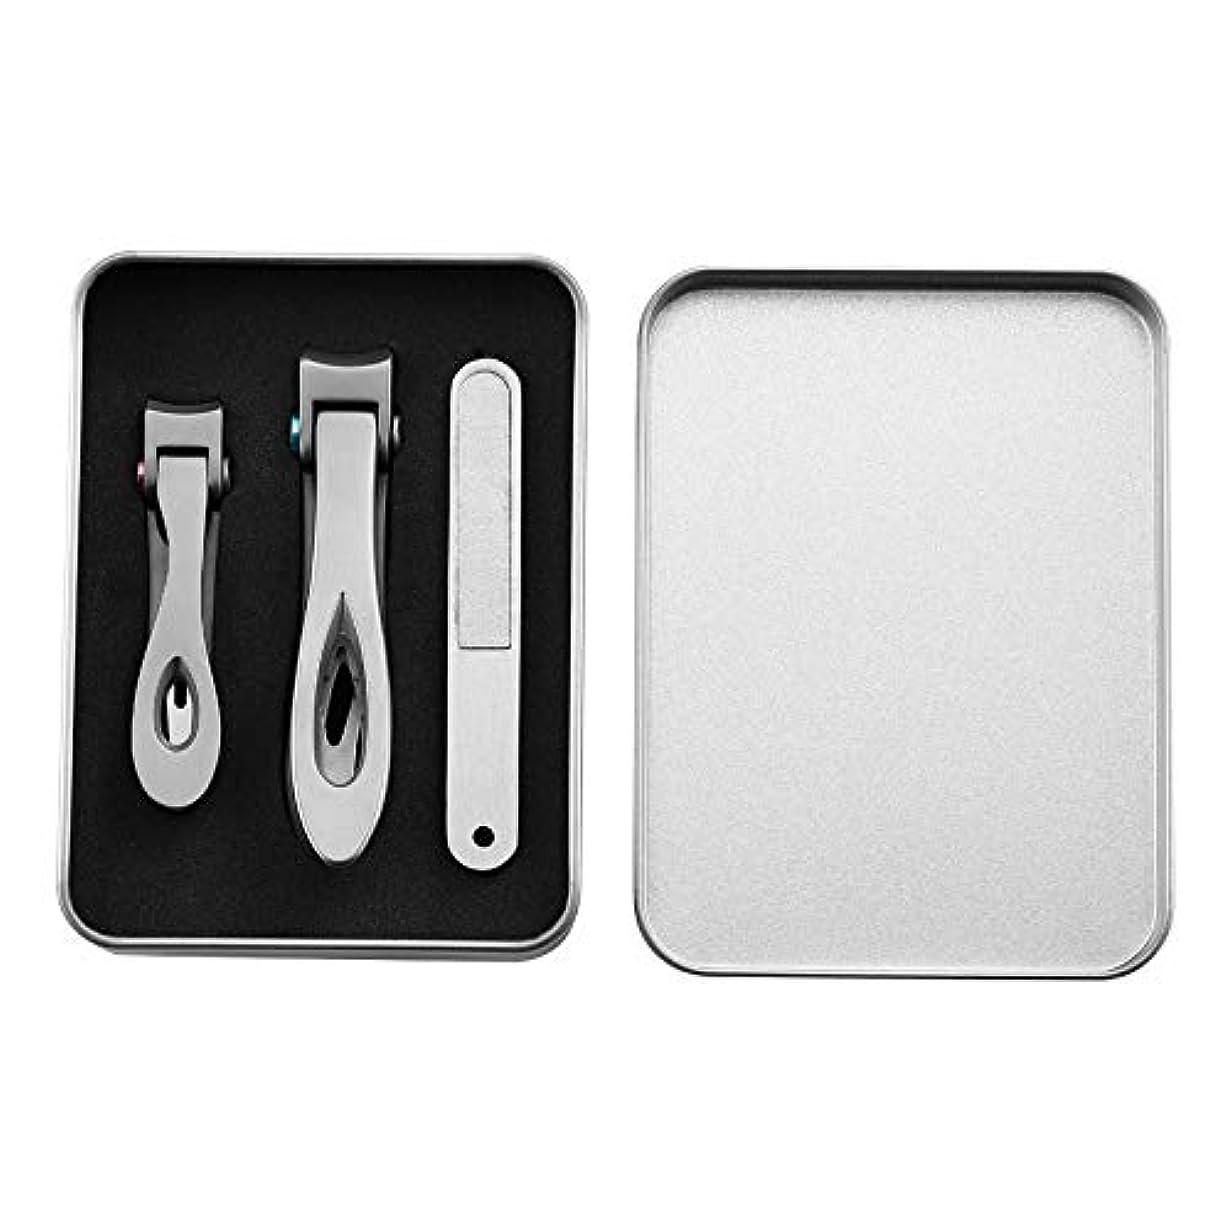 コジオスコヒープ暫定パースステンレス鋼の爪切りは、卸売サイトで大きな厚い爪切りと小さな爪具を設定します